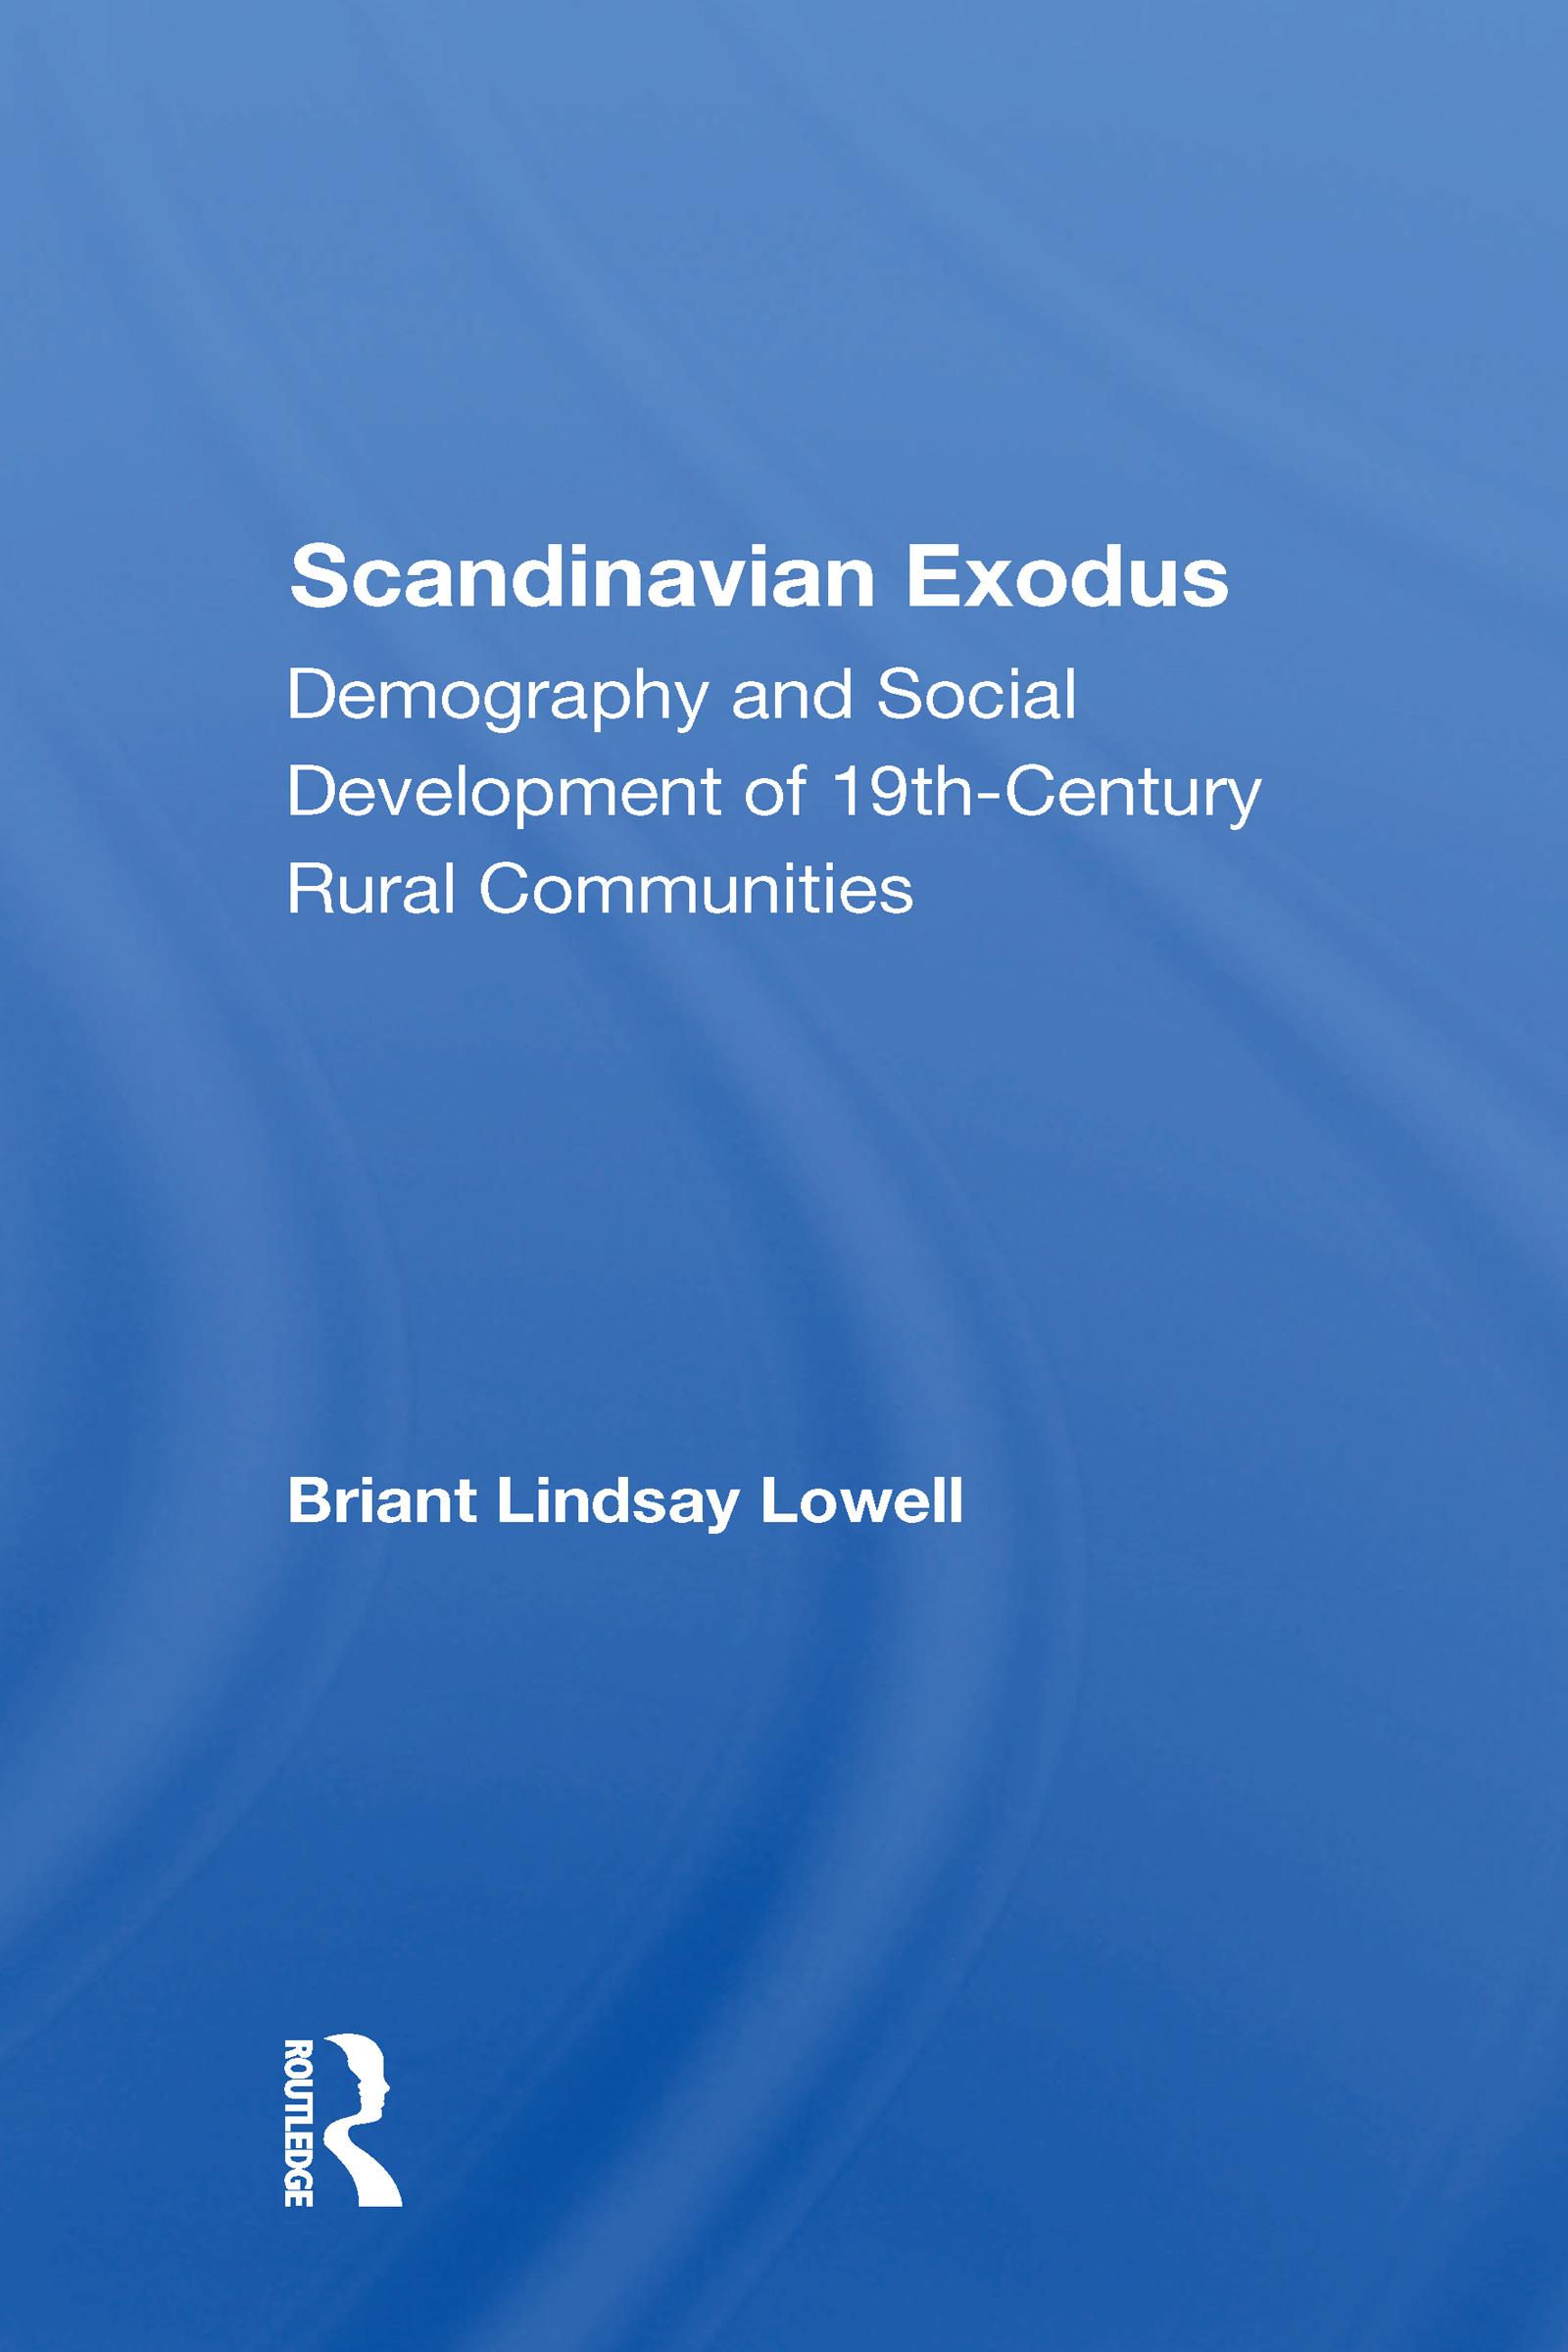 Scandinavian Exodus